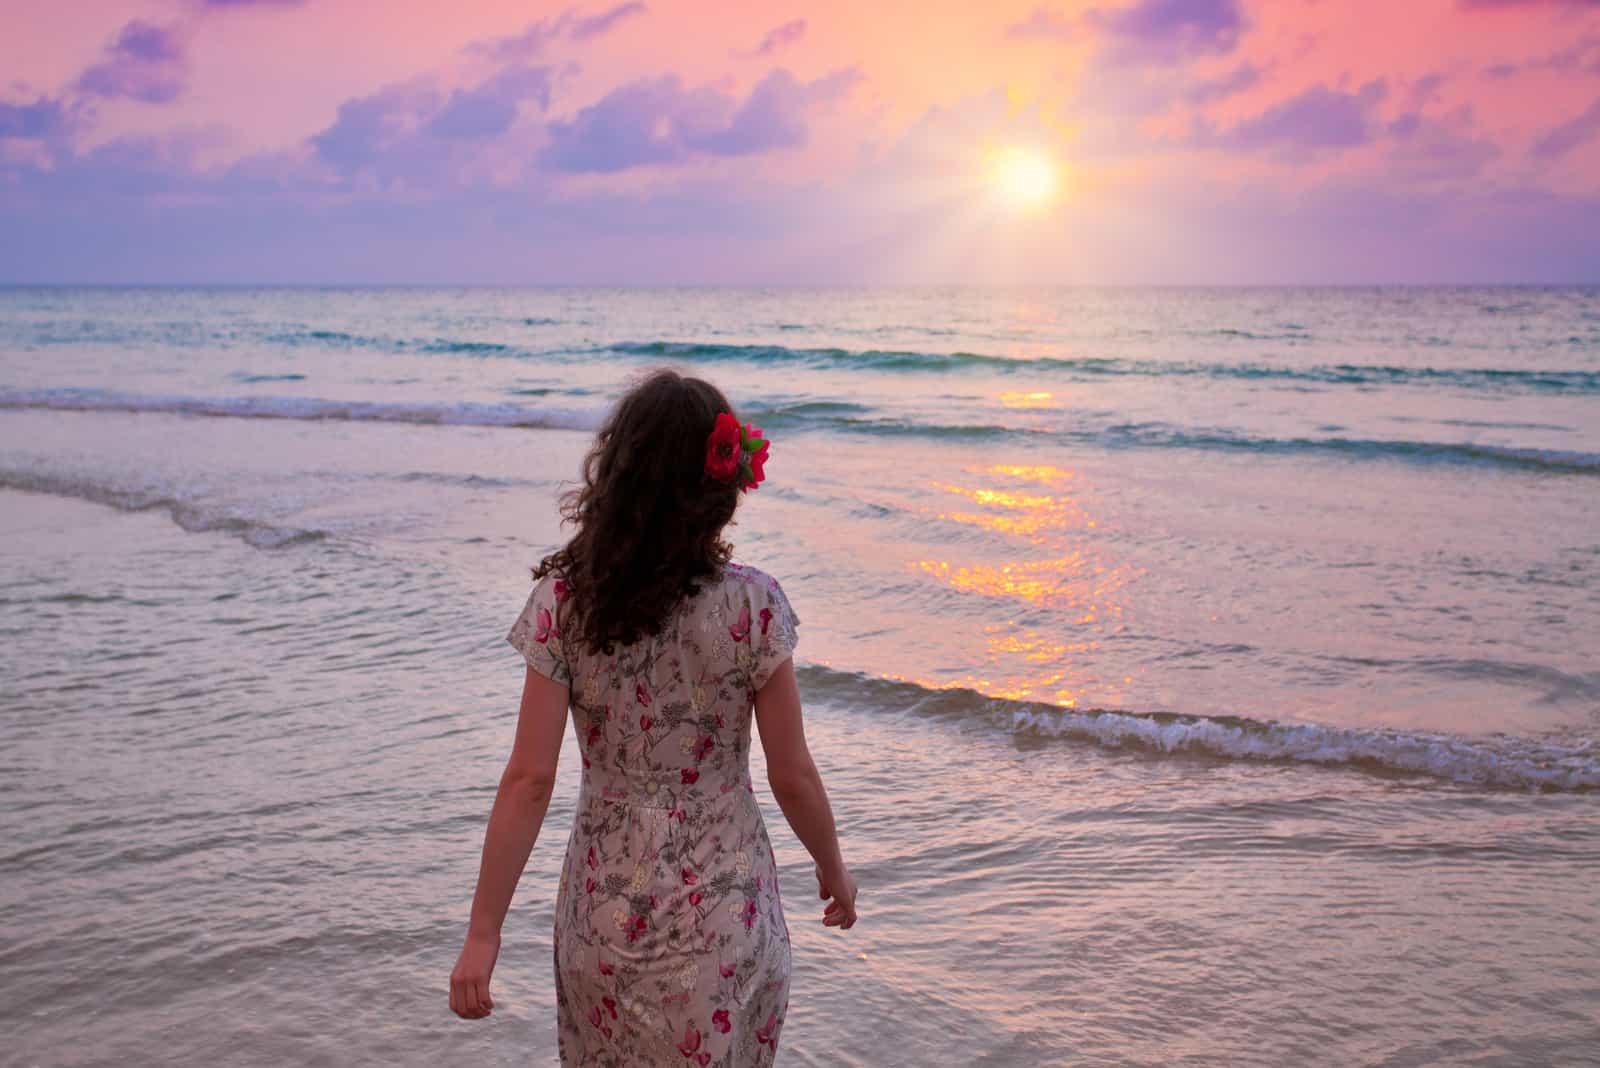 Une femme aux longs cheveux bruns se promène le long de la plage juste au bord de la mer